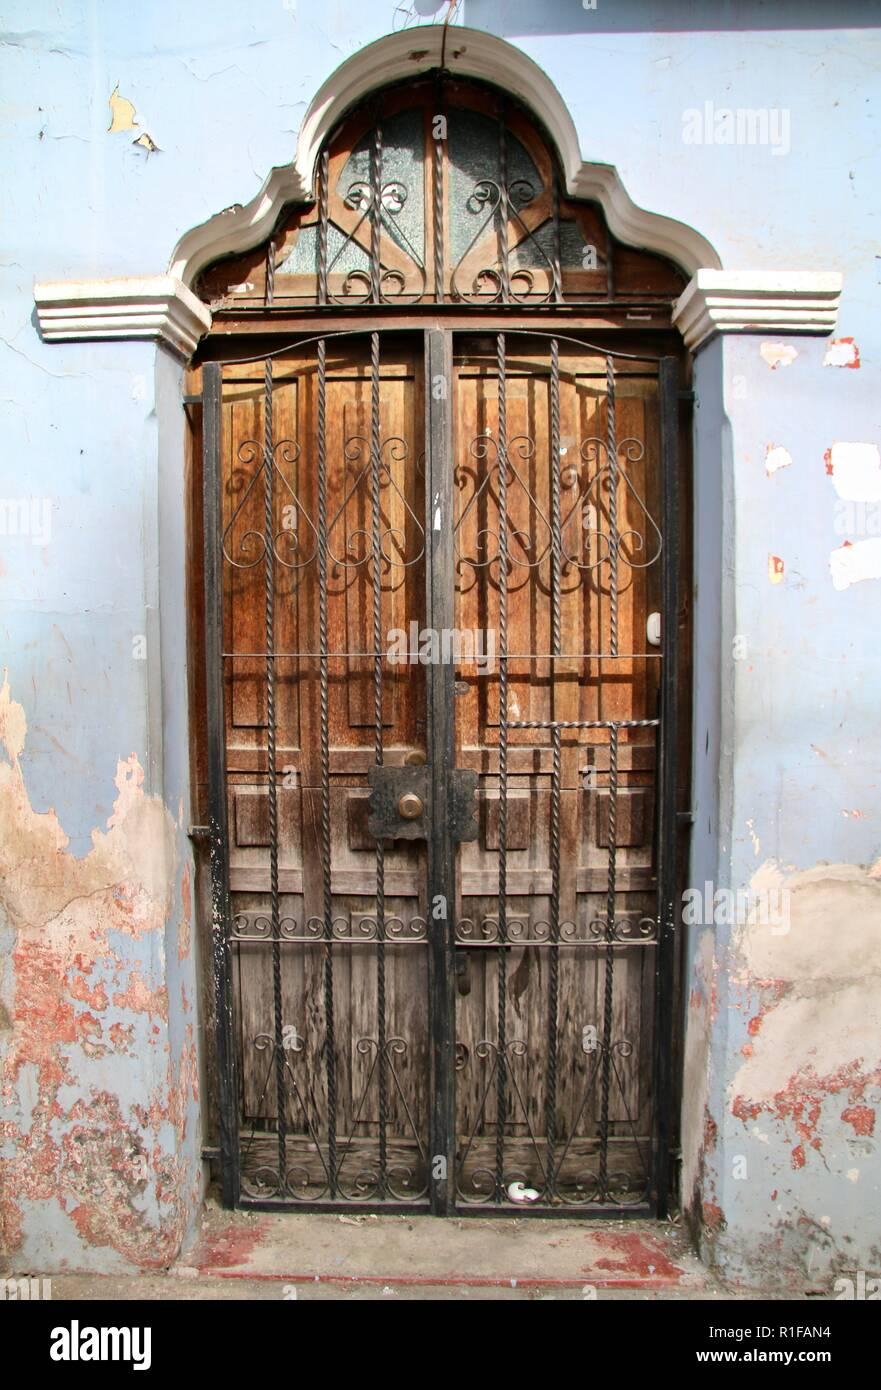 Puerta de madera desgastada centroamericanos en un cielo azul con rejilla metálica que cubre la pared Foto de stock